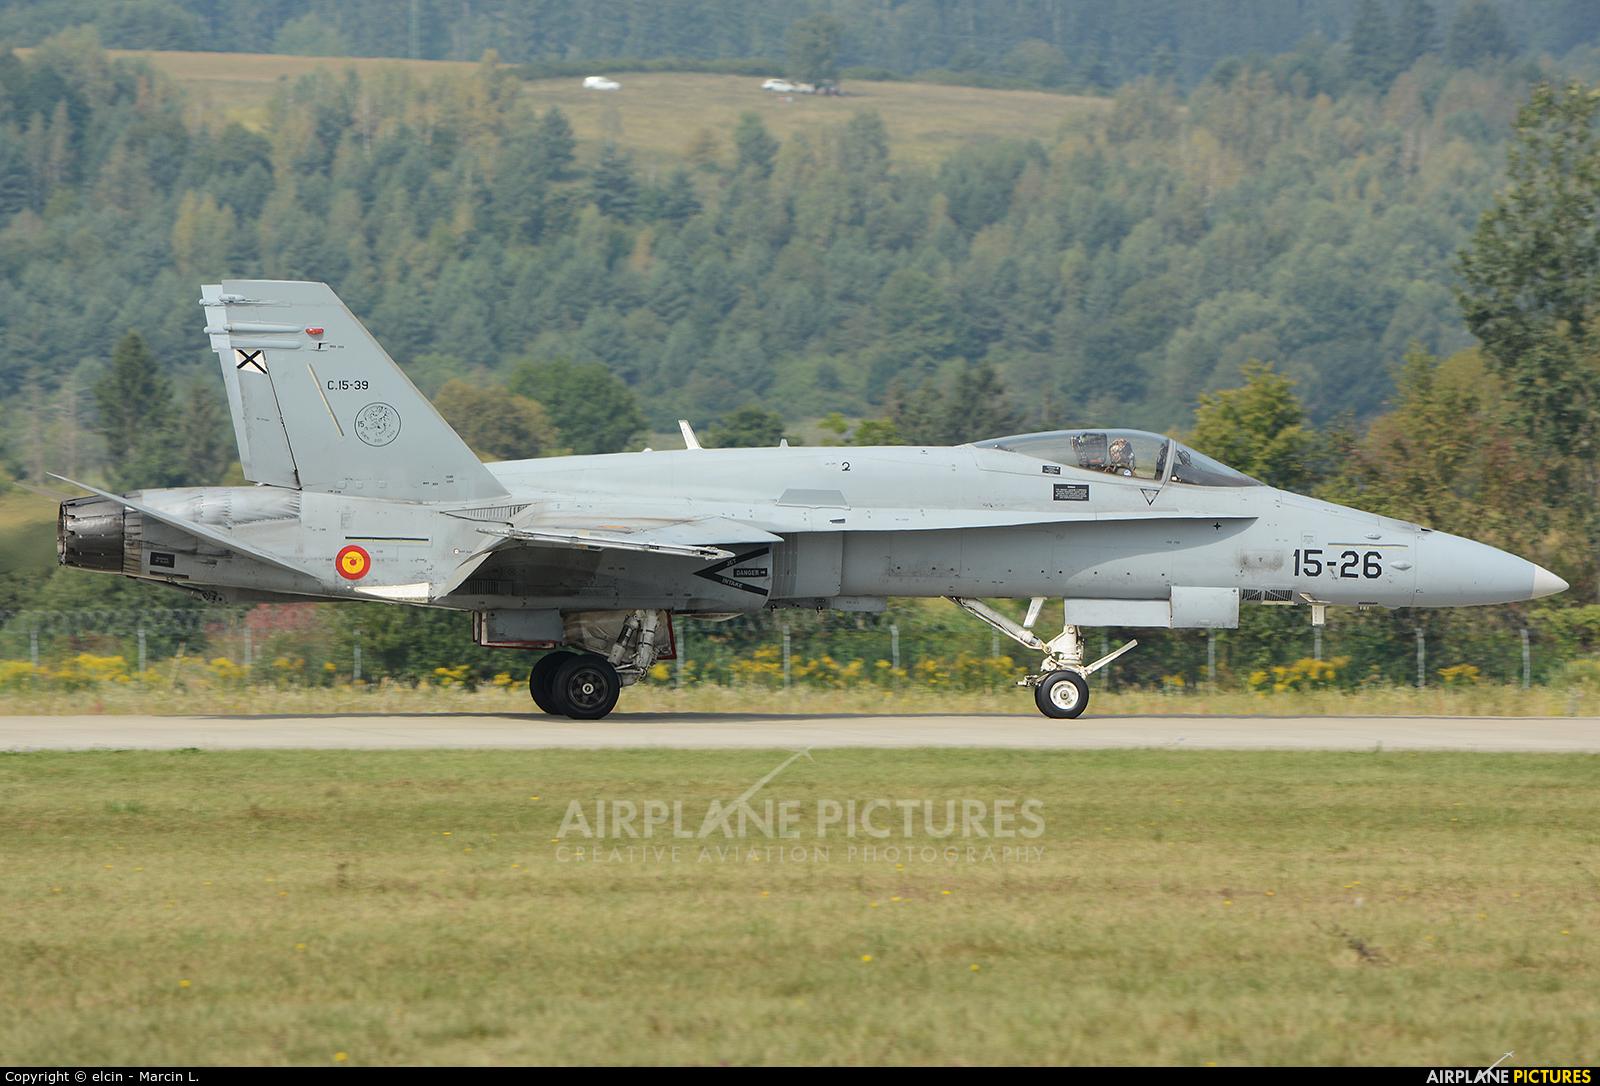 Spain - Air Force C.15-39 aircraft at Sliač